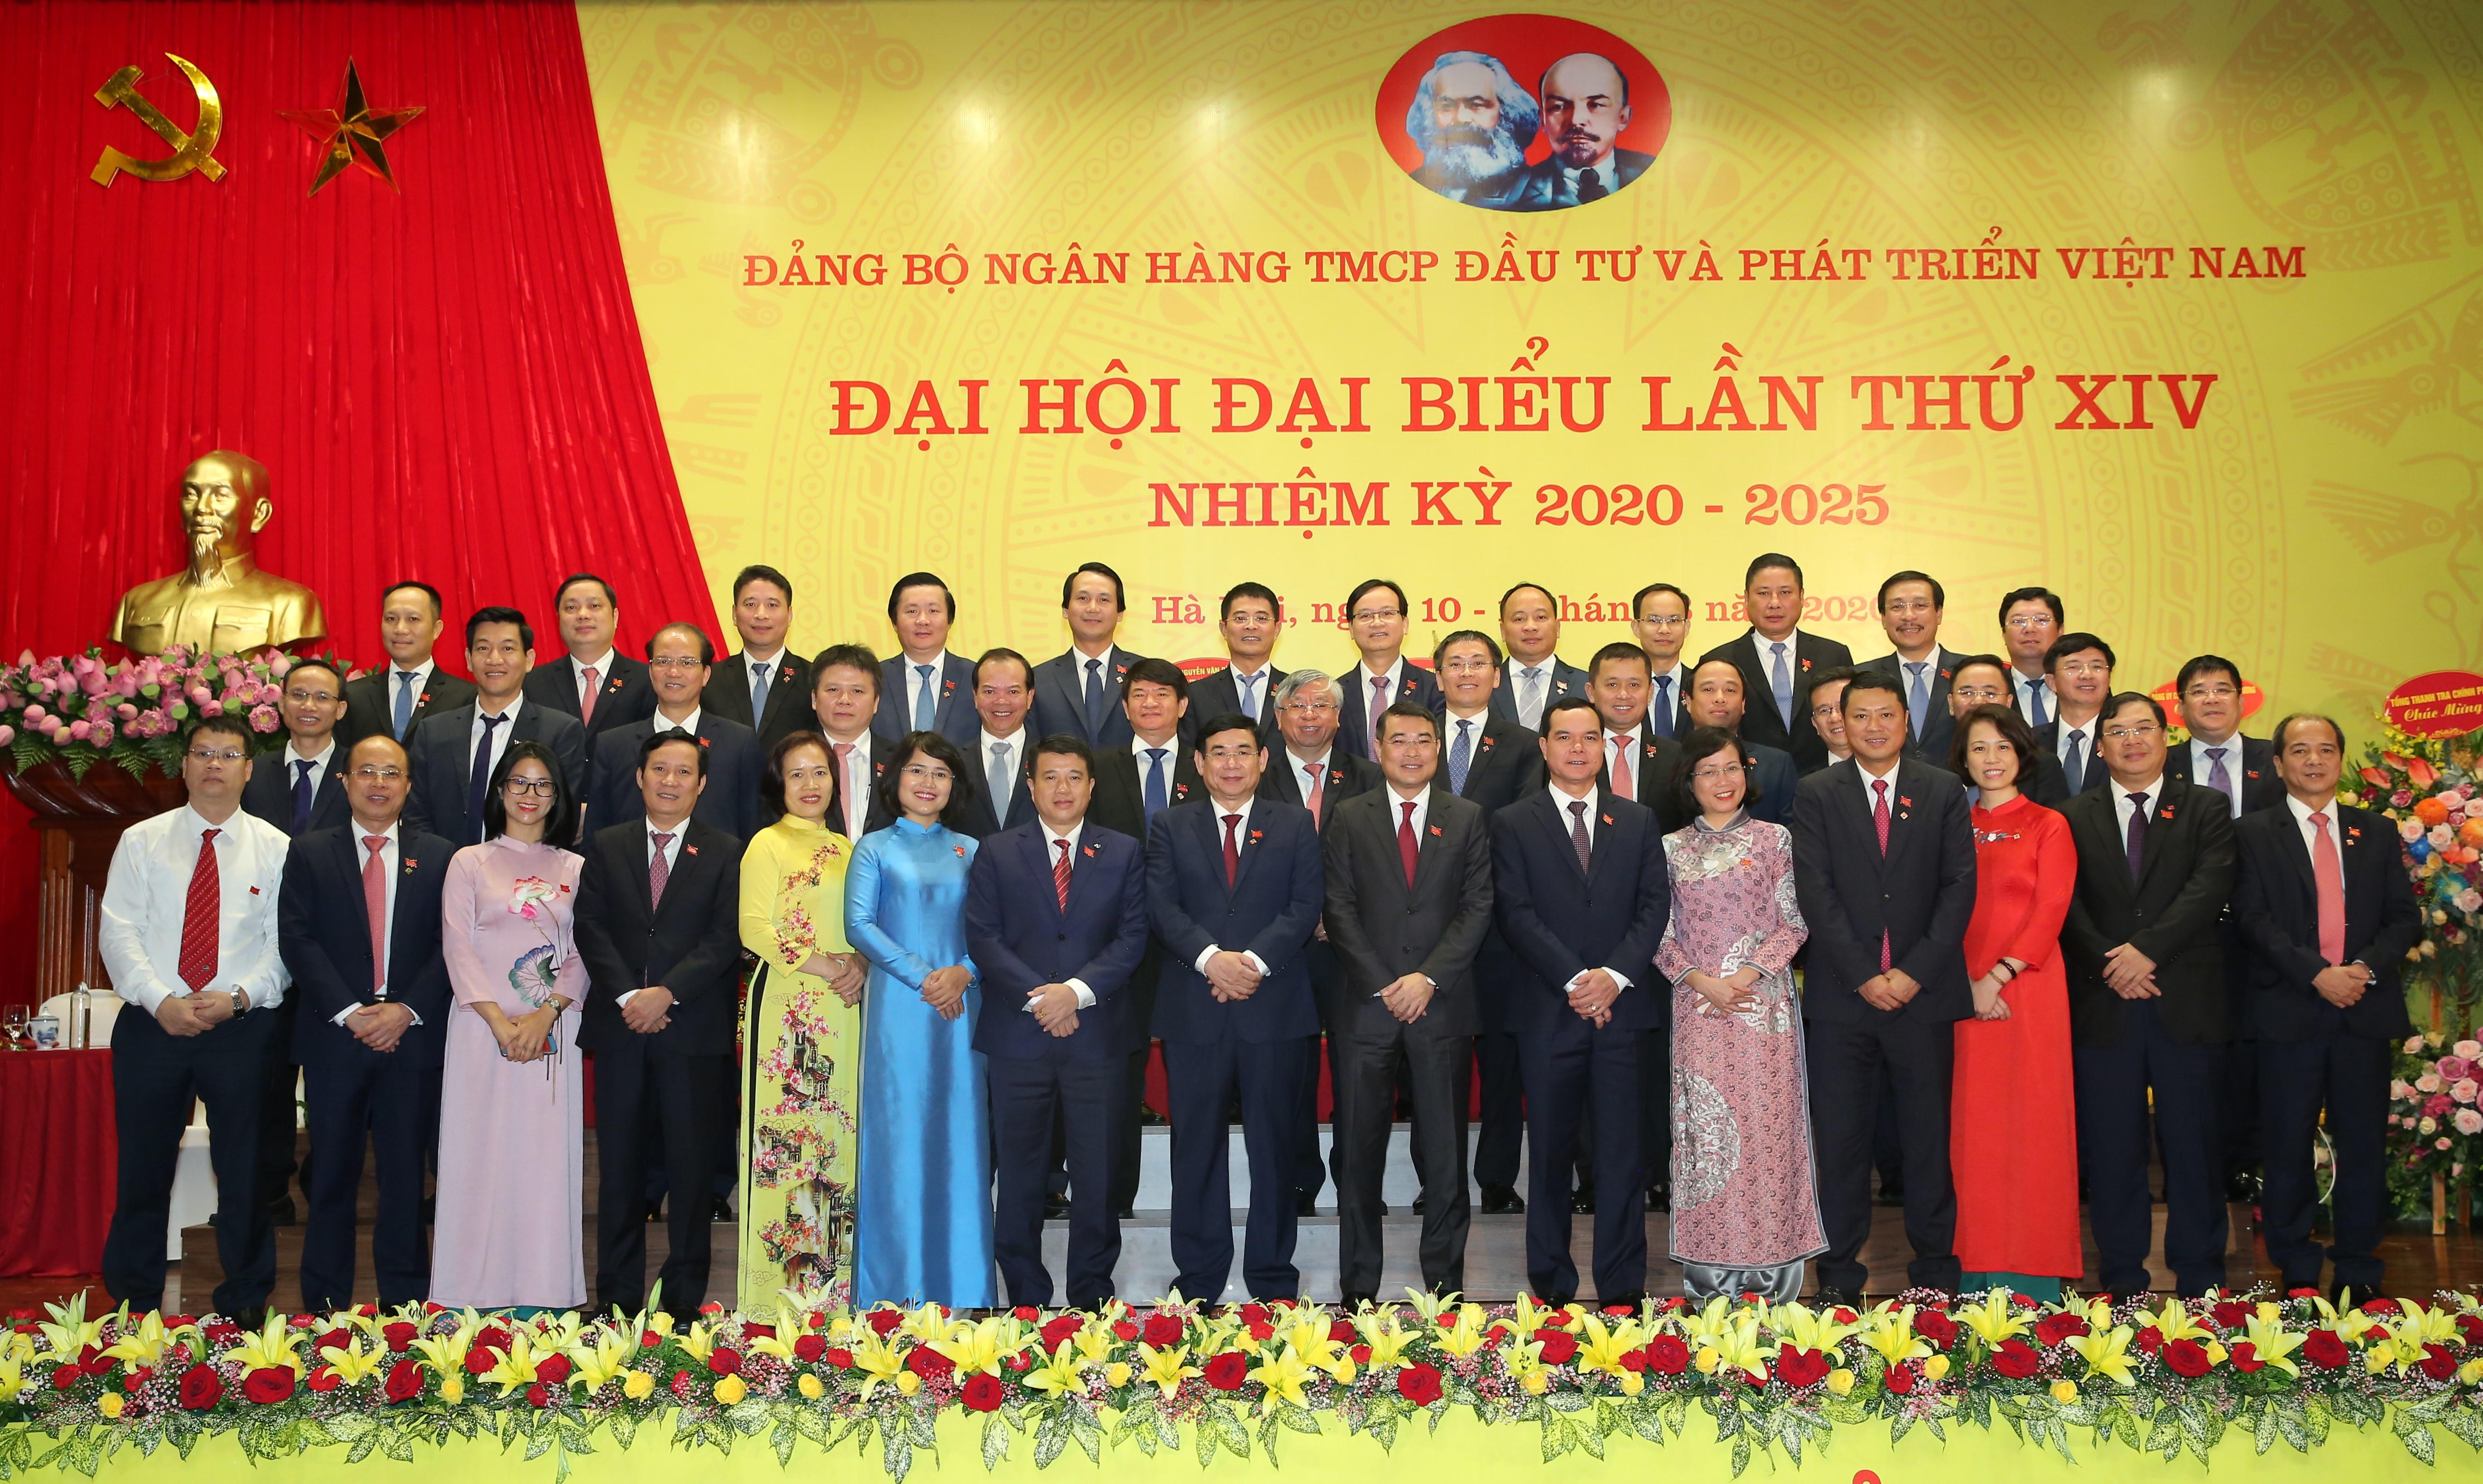 Đảng bộ BIDV tổ chức thành công Đại hội đại biểu lần thứ XIV